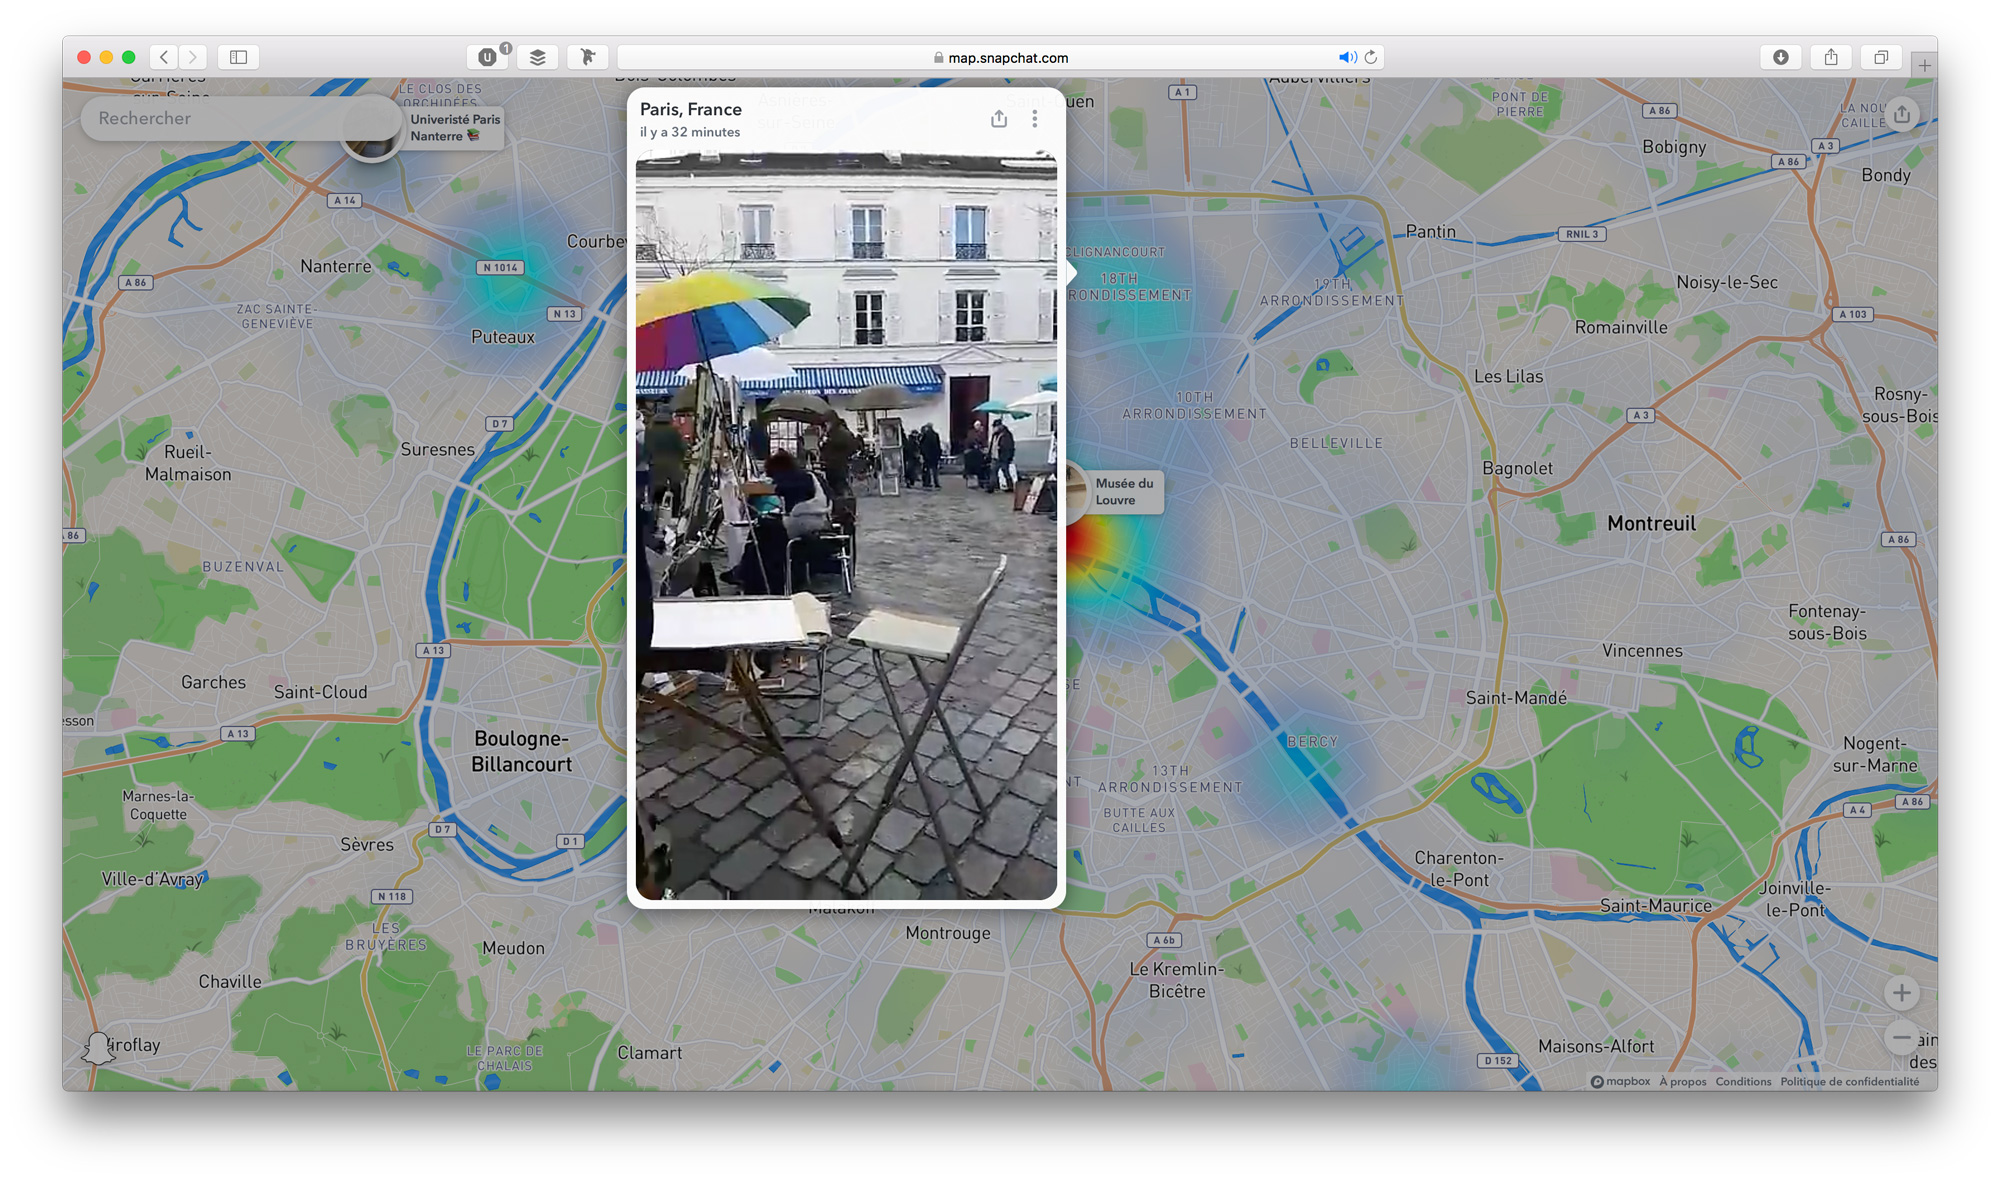 La Snap Map de Snapchat disponible en version web